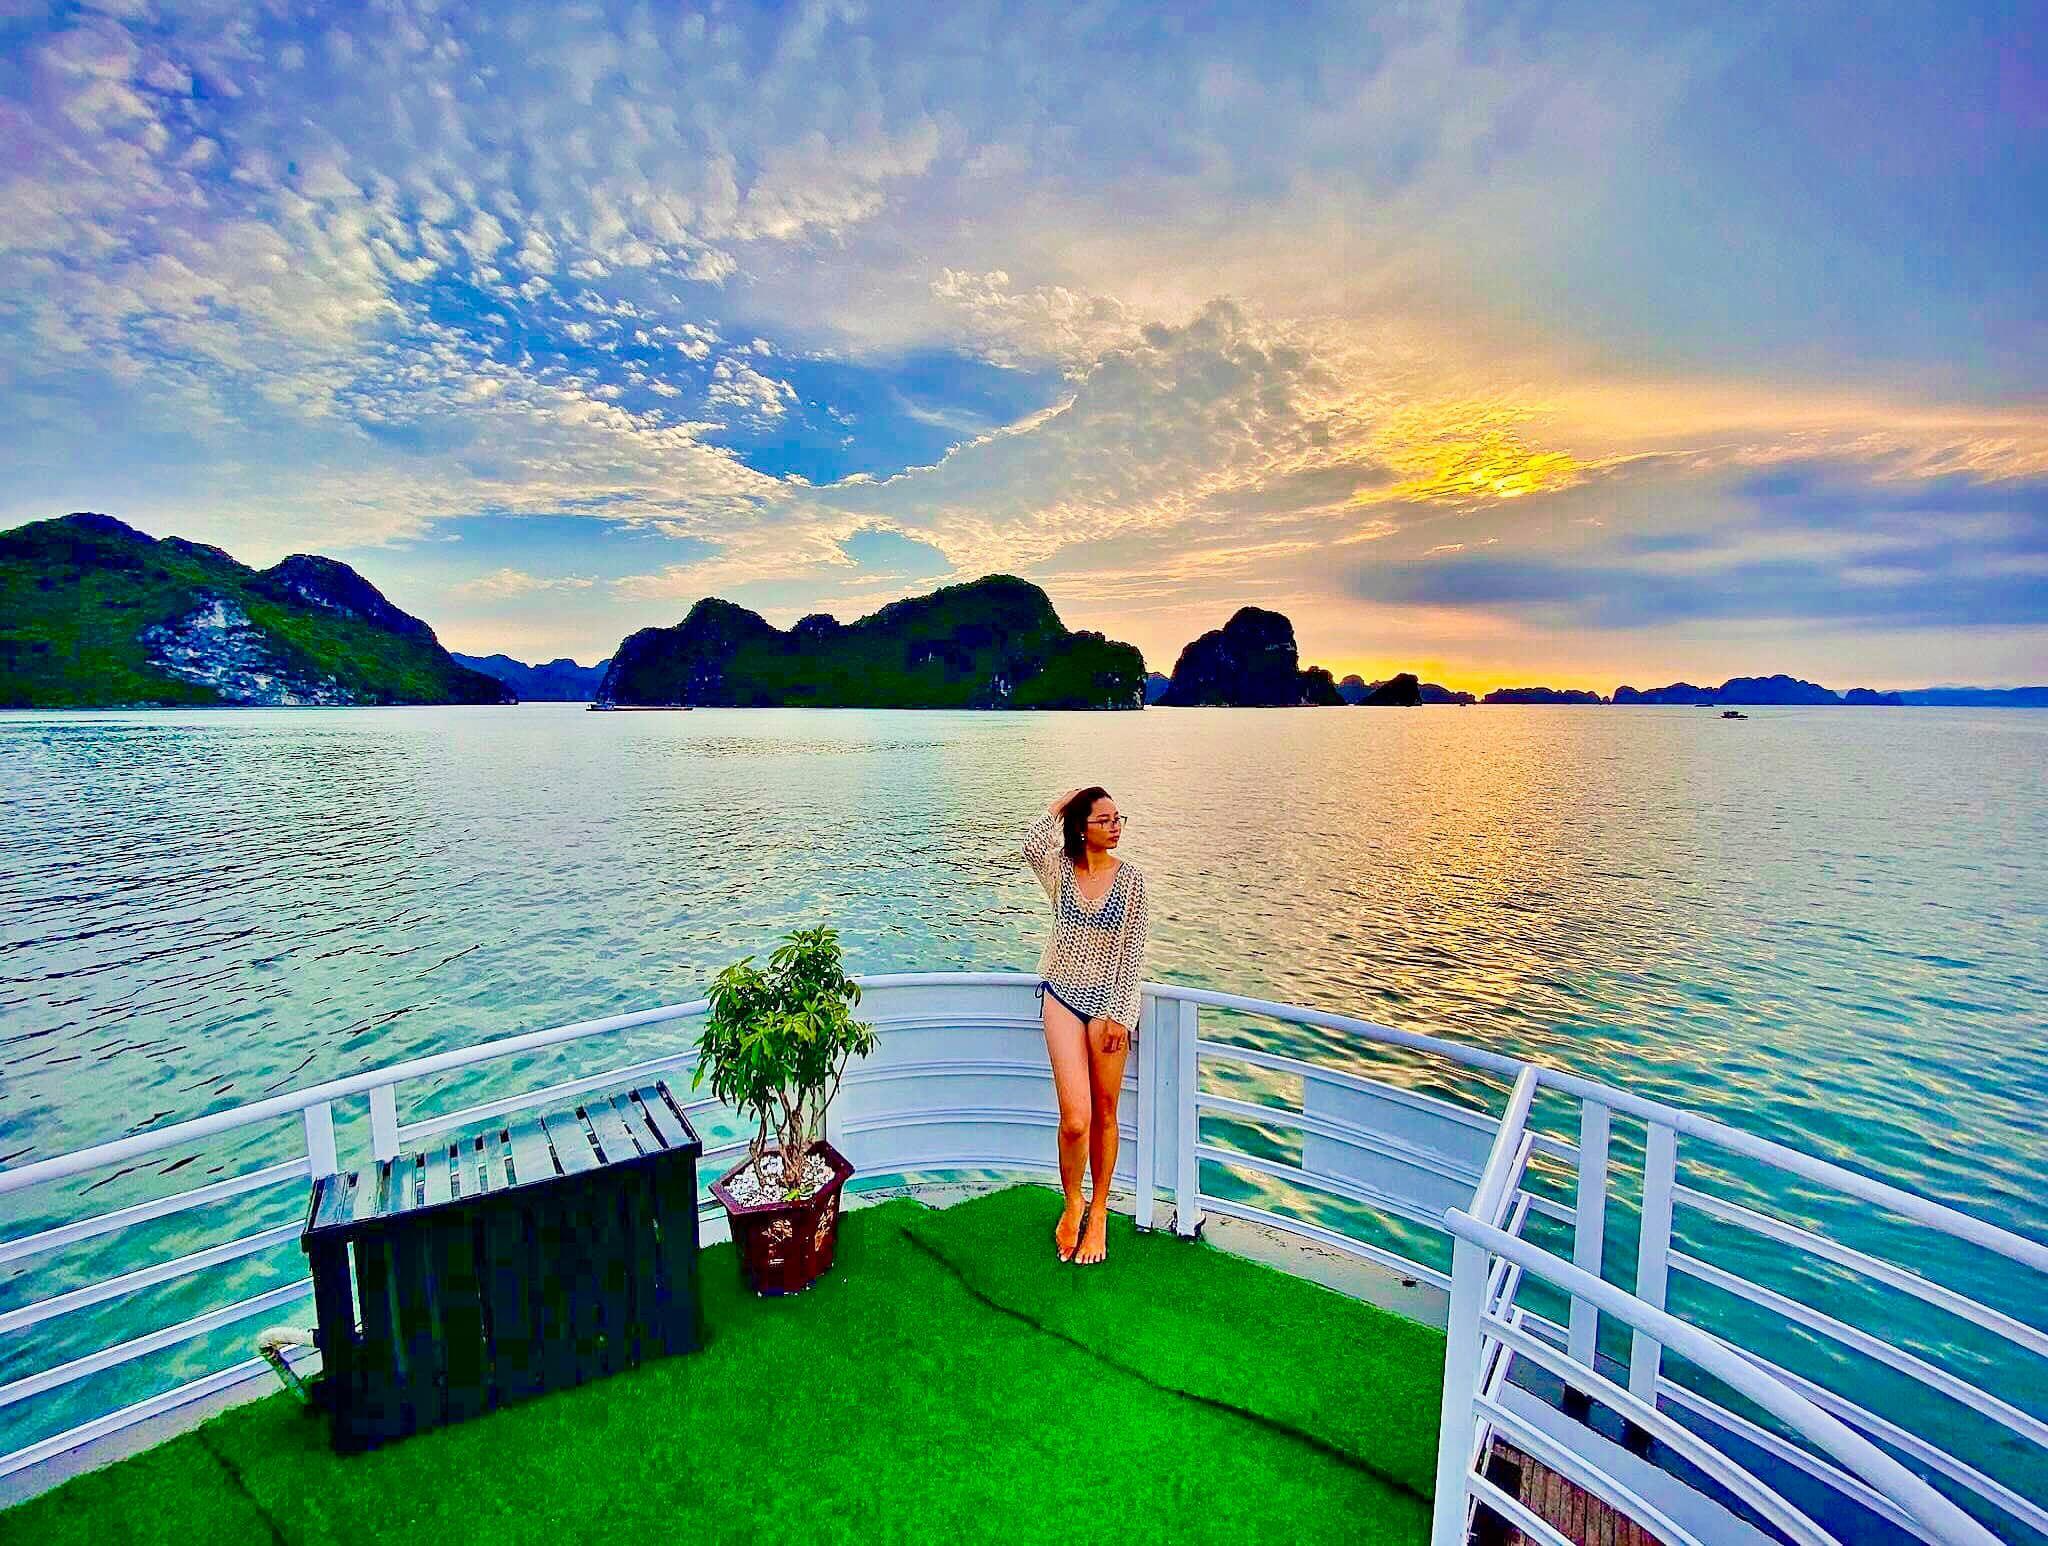 Du lịch Hạ Long 2 ngày 1 đêm ngủ khách sạn 3*